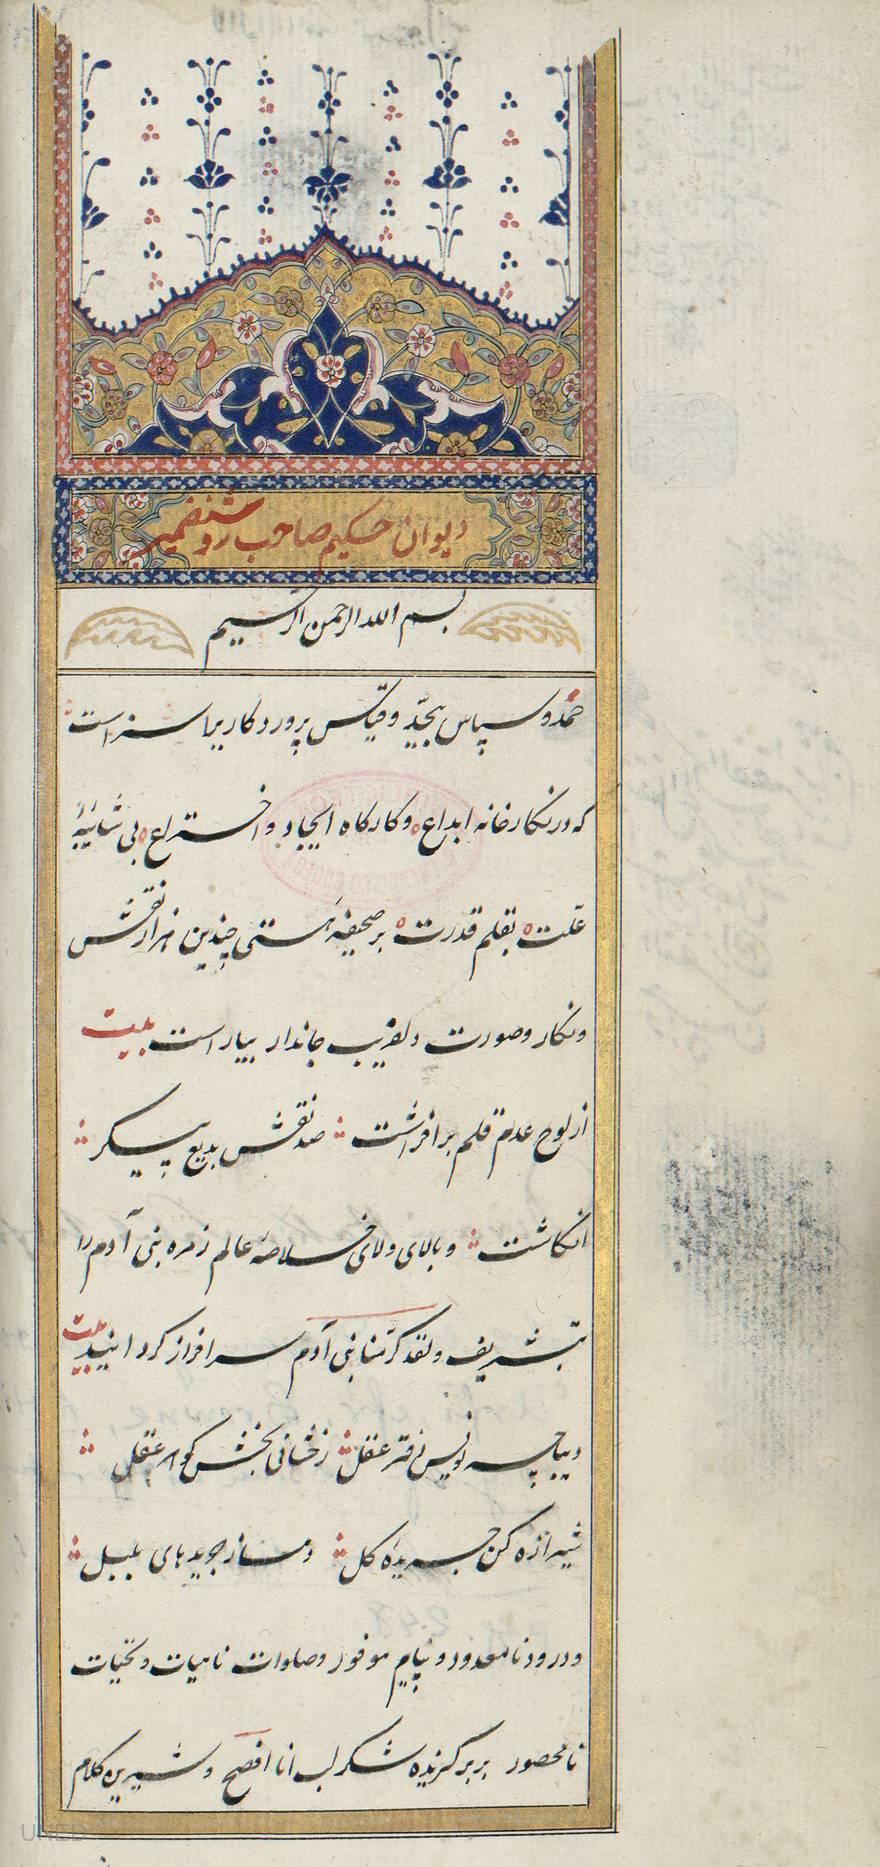 Divan-i Hakim Sahib 'Urfi Sanadi, 1706